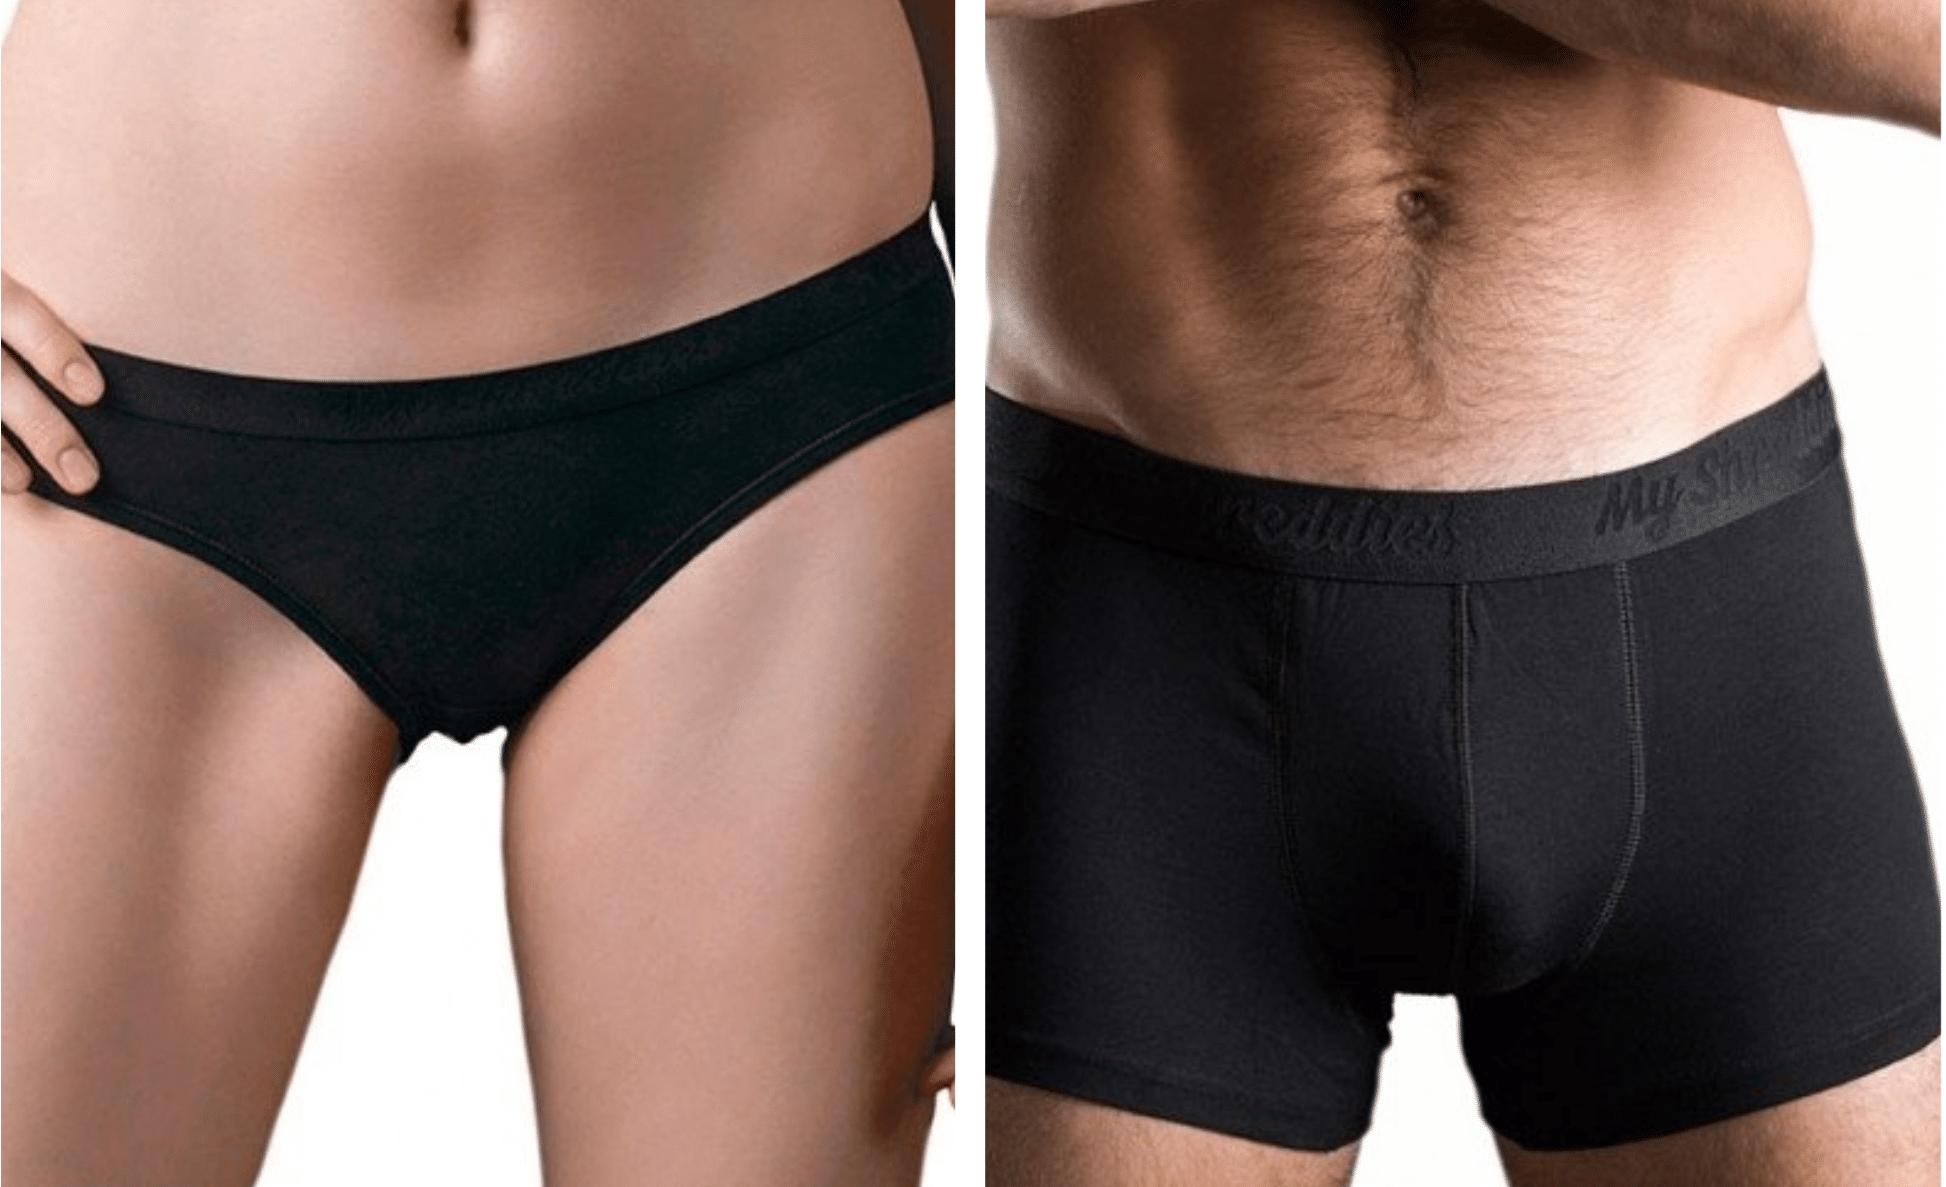 Péter sans gène, c'est possible avec ces nouveaux sous-vêtements